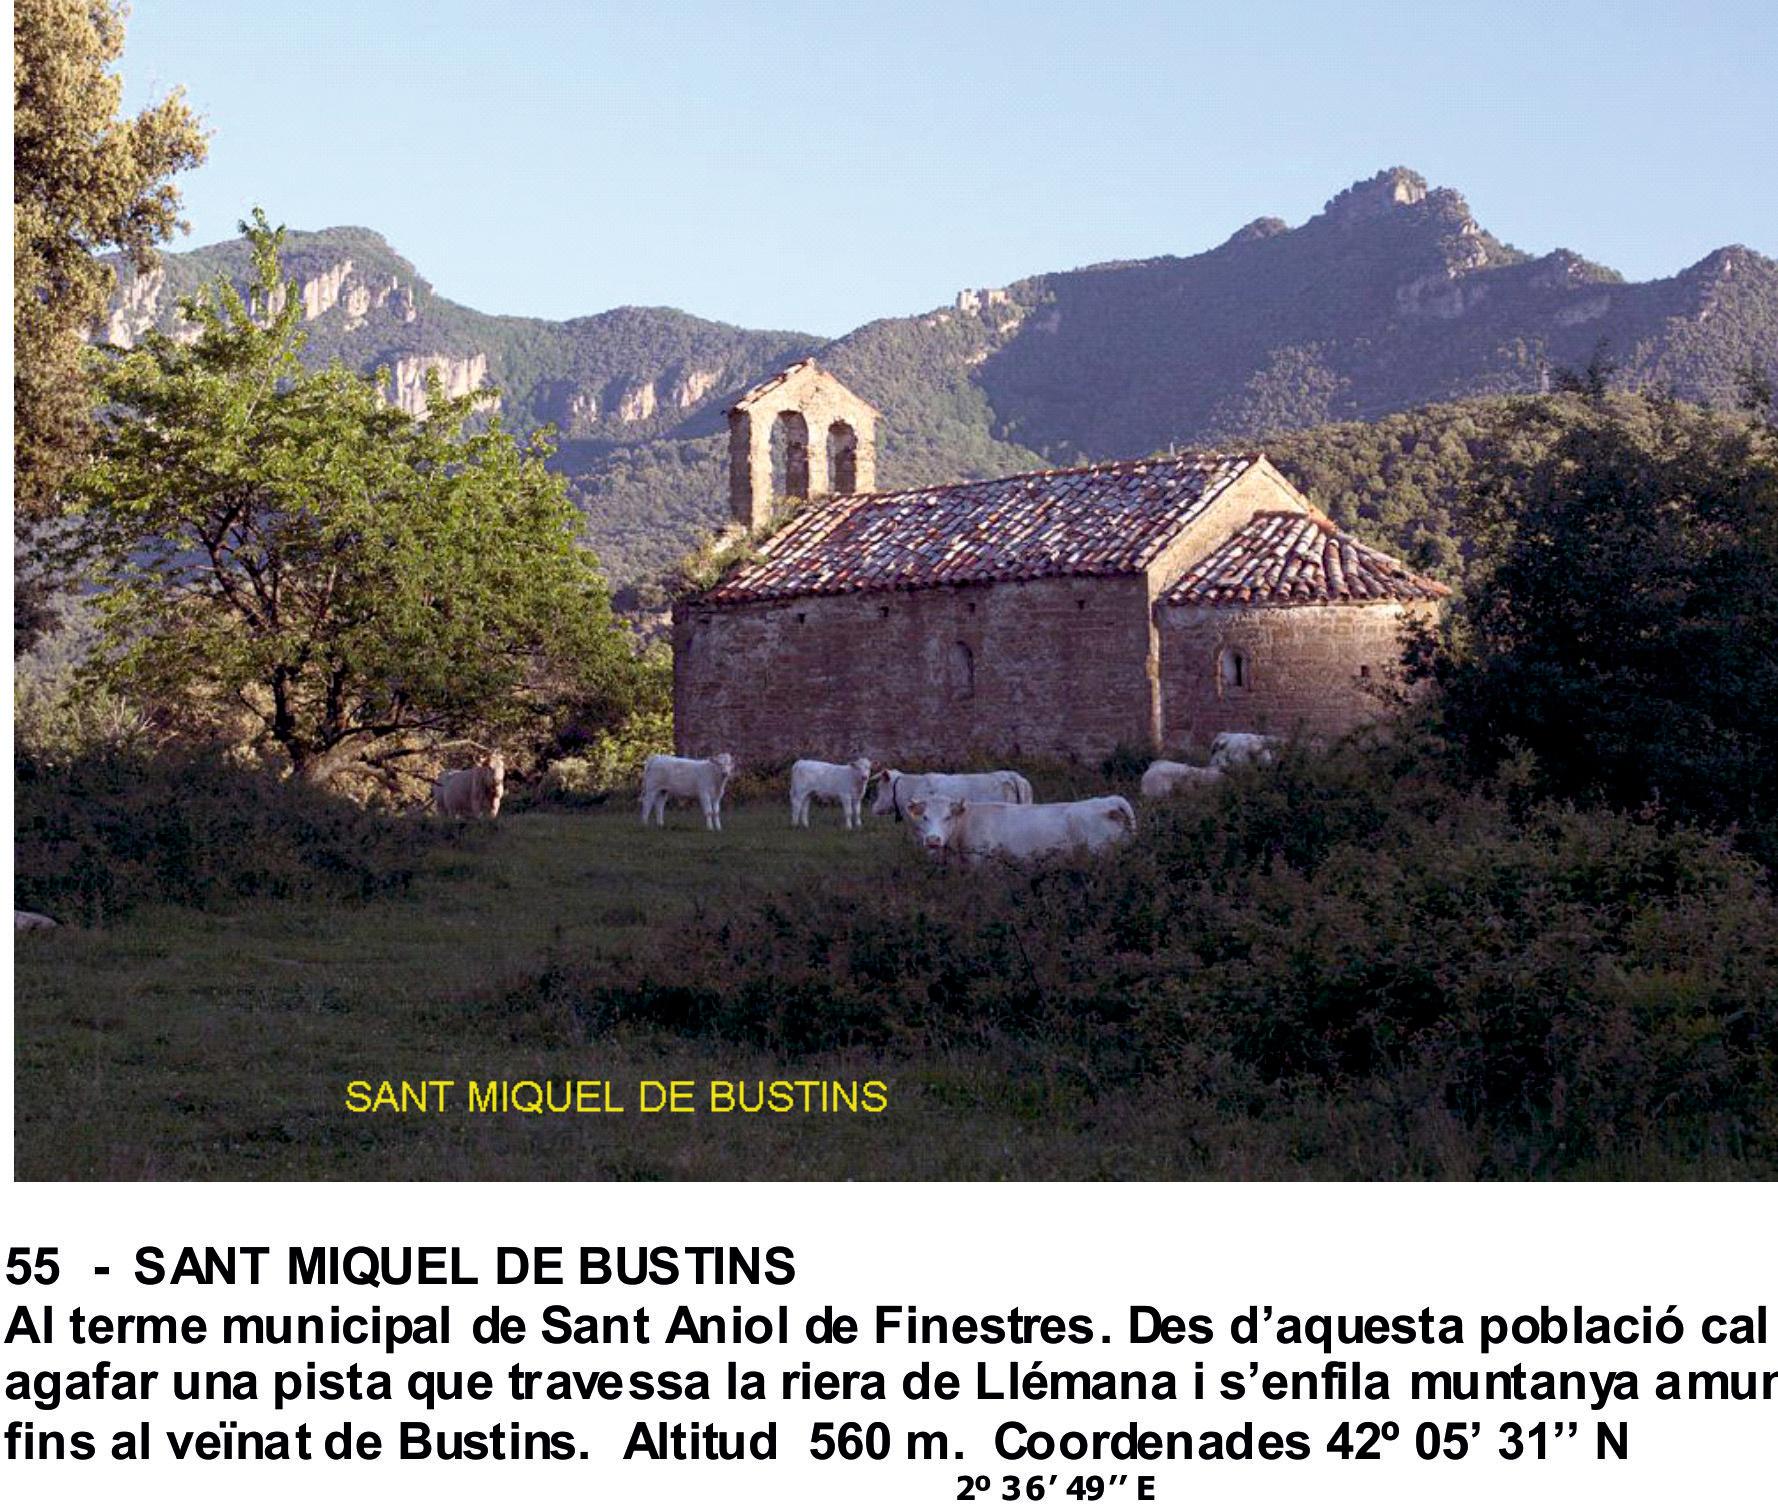 55  -  SANT MIQUEL DE BUSTINS